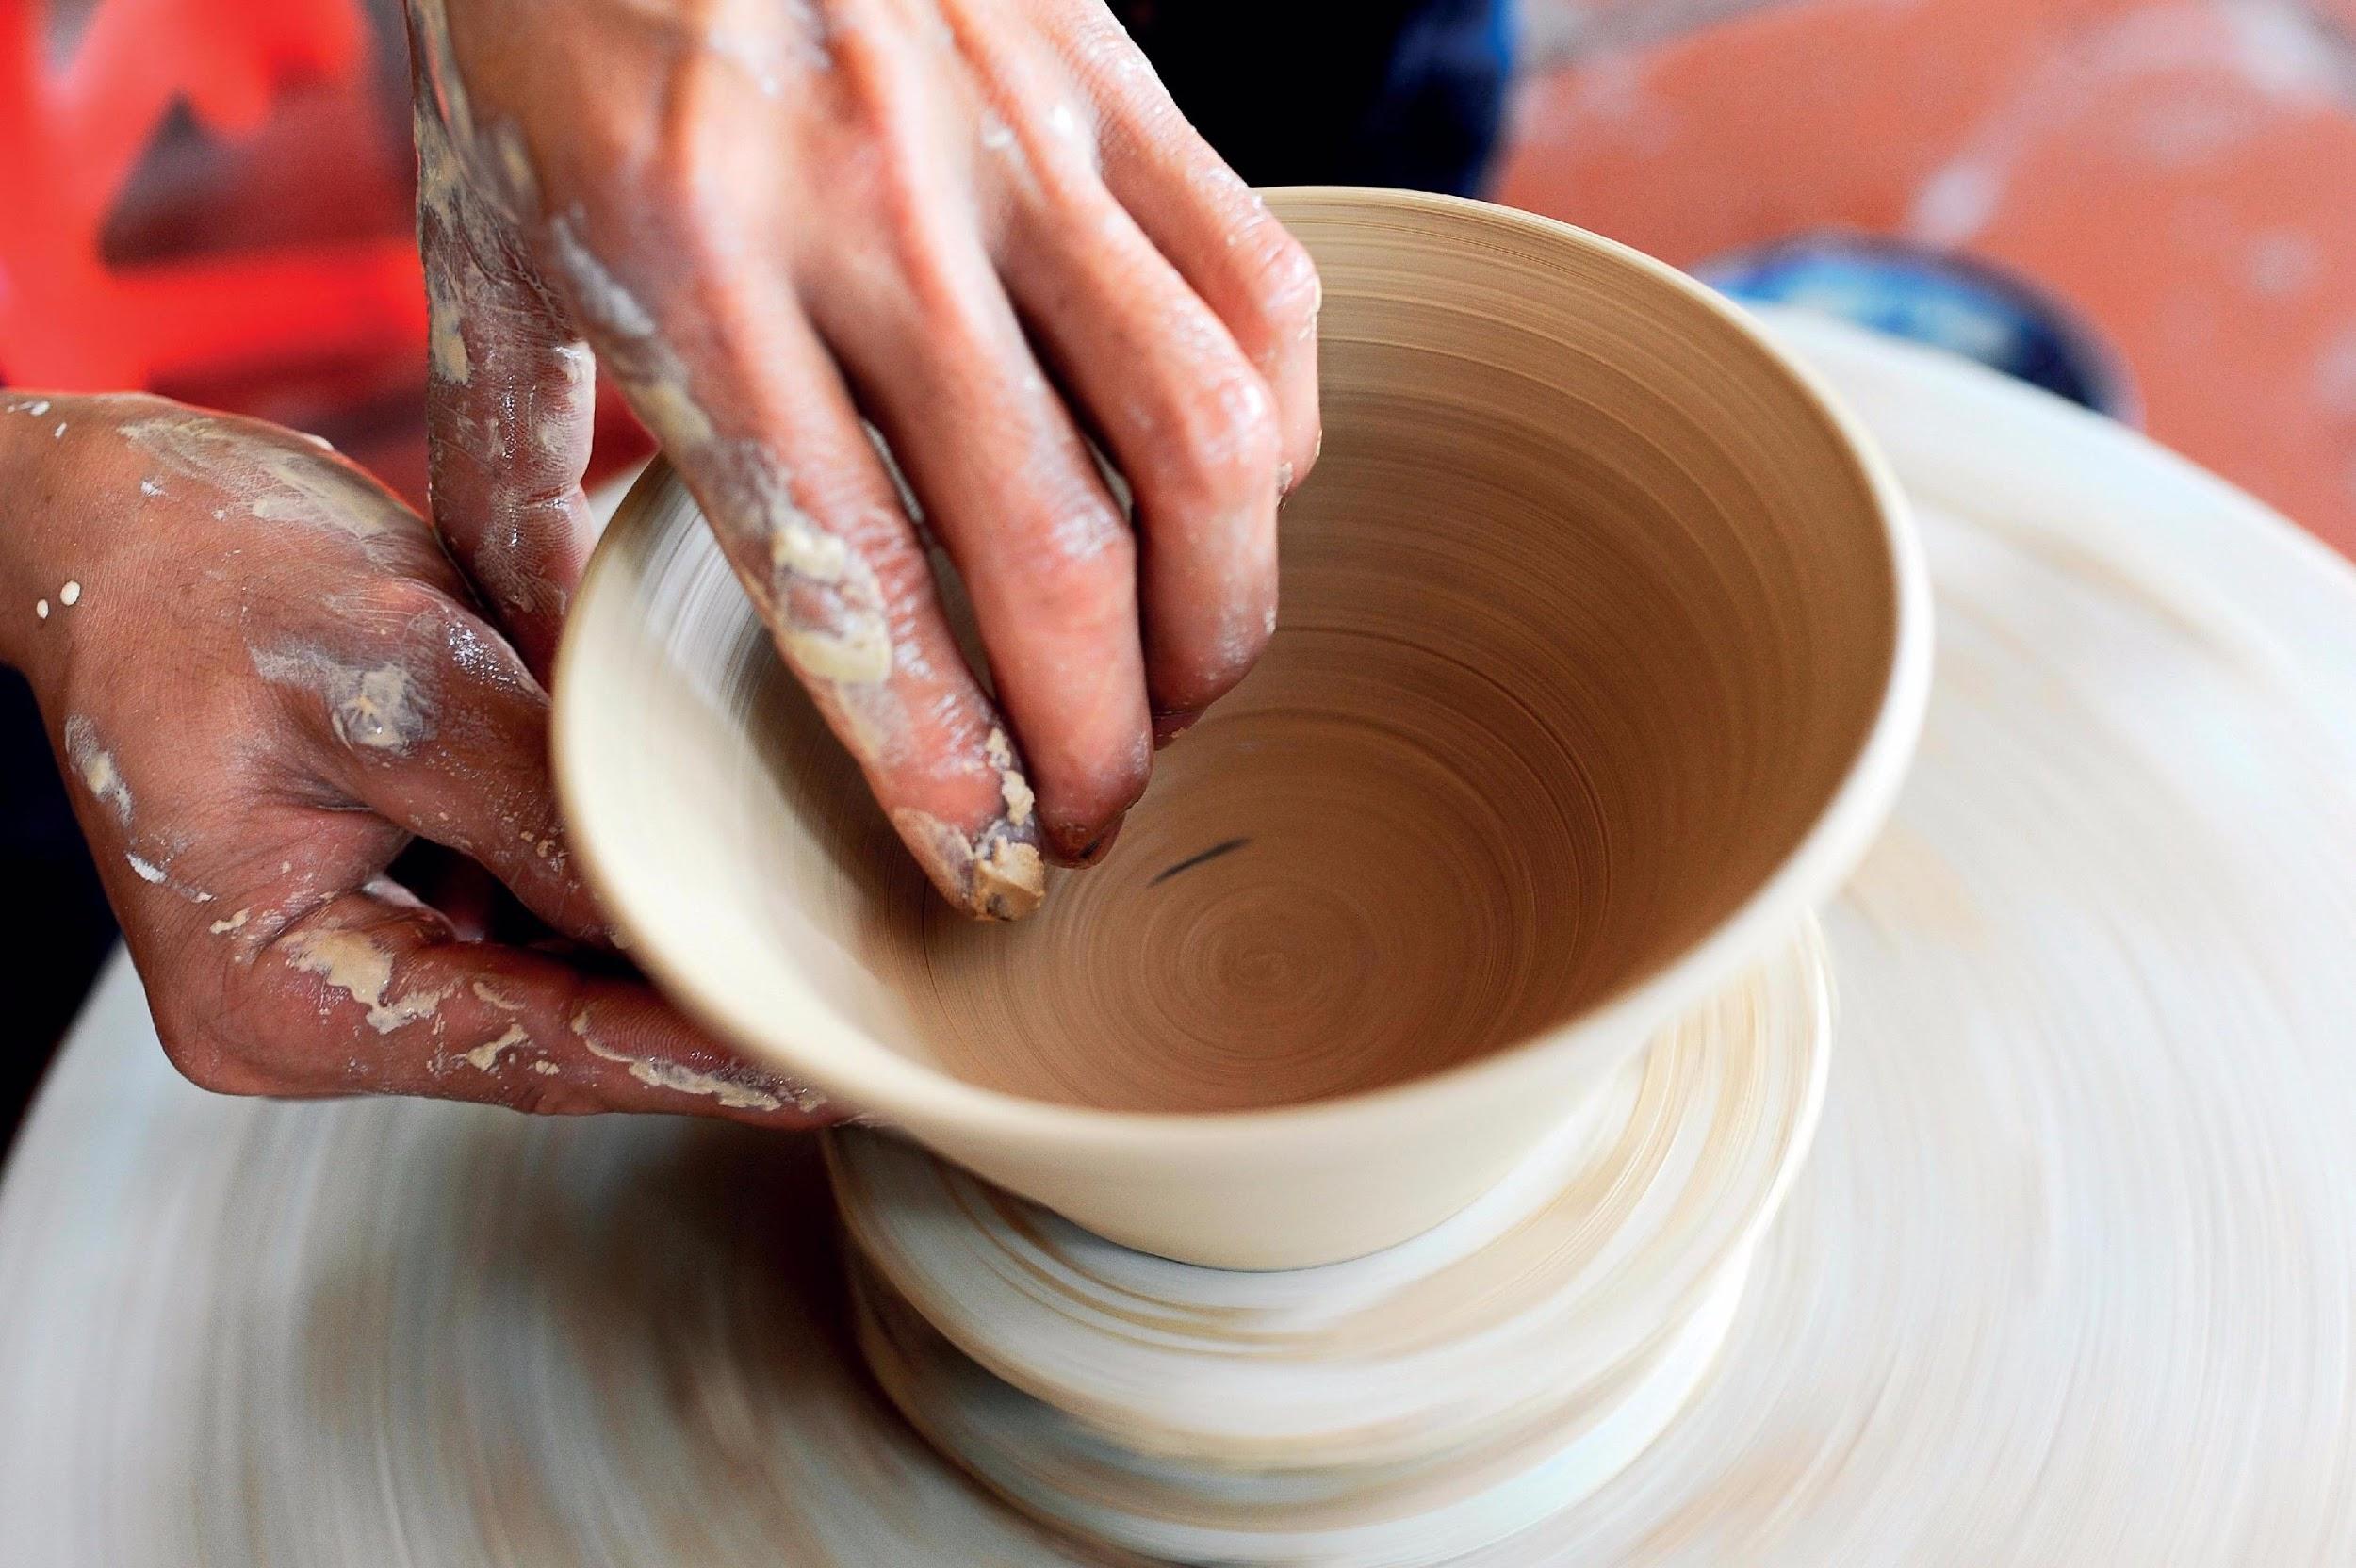 Du khách thường chọn nặn bát vì có hình dáng dễ vuốt, nặn hơn các sản phẩm khác